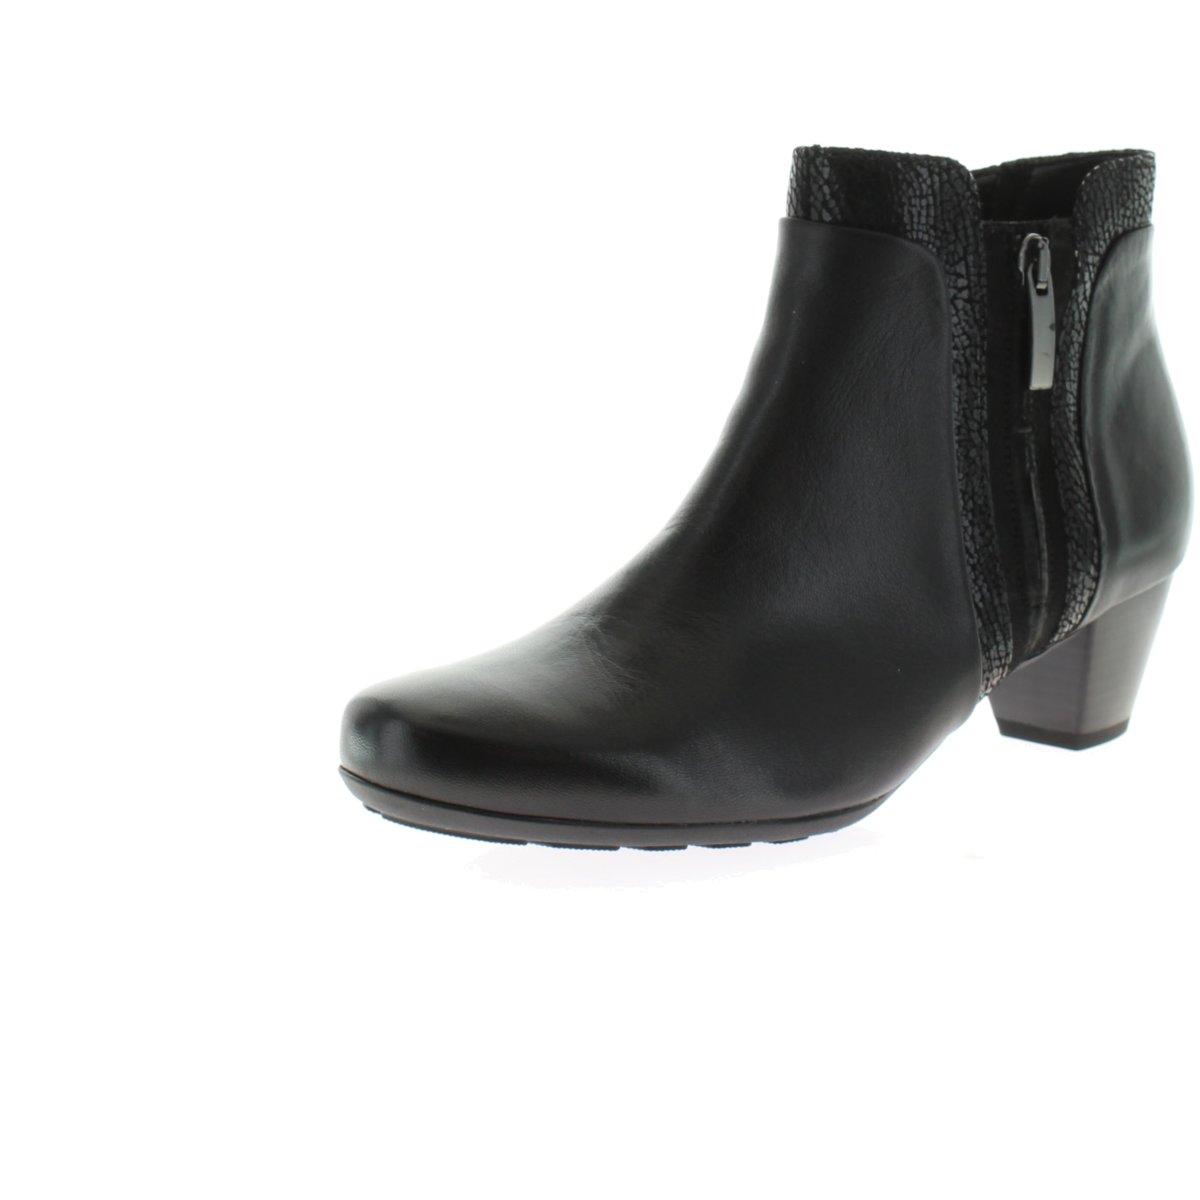 Details zu Gabor Basic Stiefeletten in Übergrößen Schwarz 35.644.27 große Damenschuhe